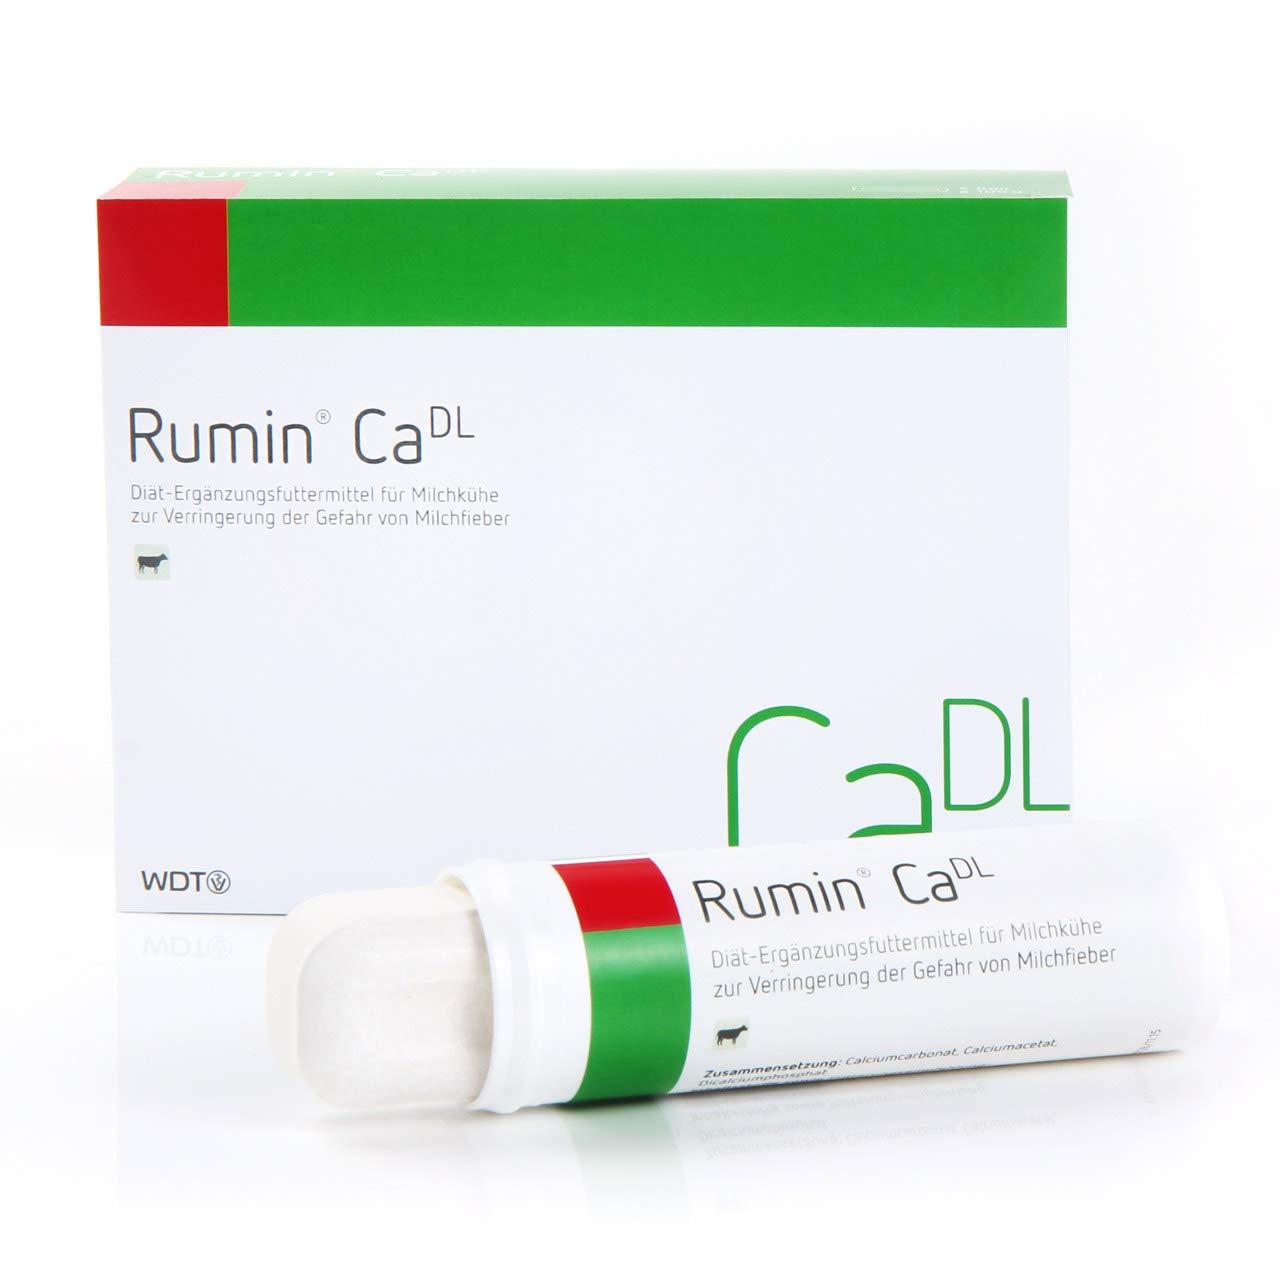 WDT Rumin Ca DL 4 x 105 g